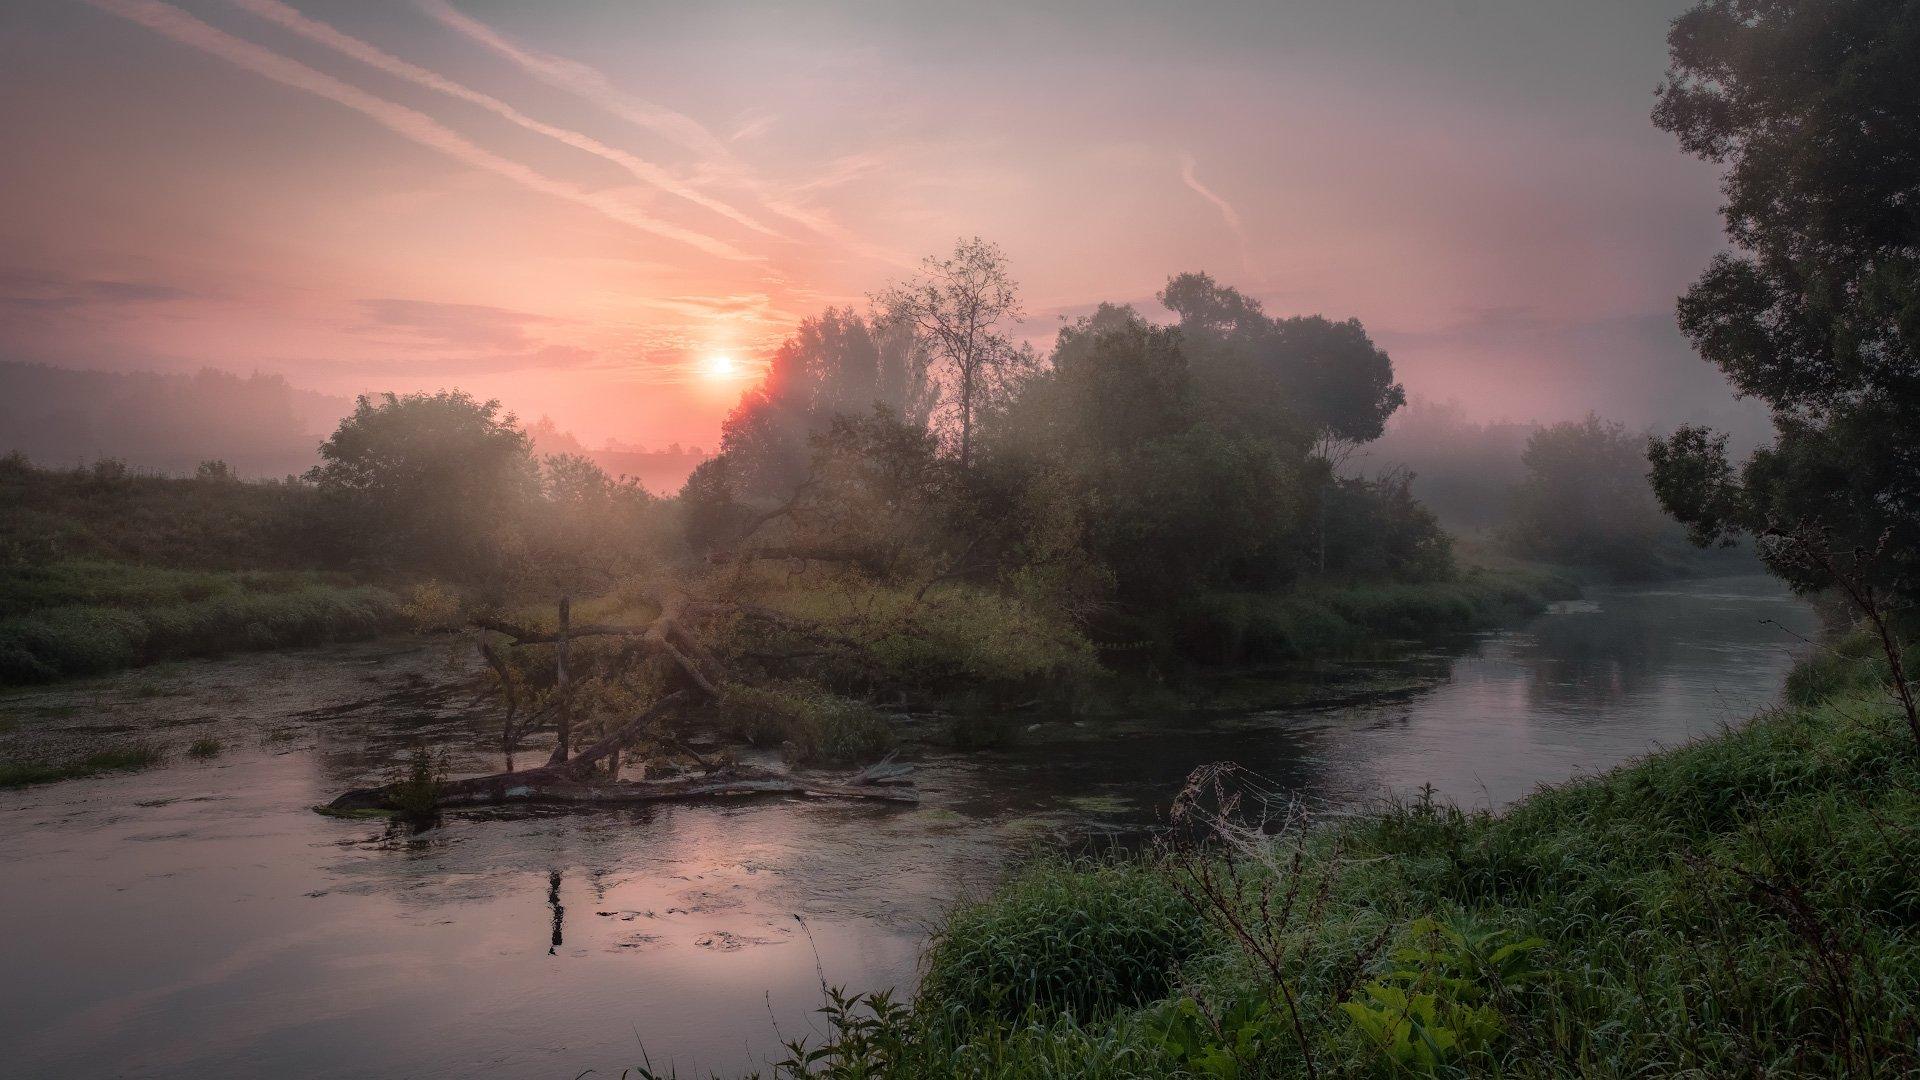 истра, река, островок, бурелом, пейзаж, рассвет, небо, следы, деревья, вода, туман, утро, Андрей Чиж